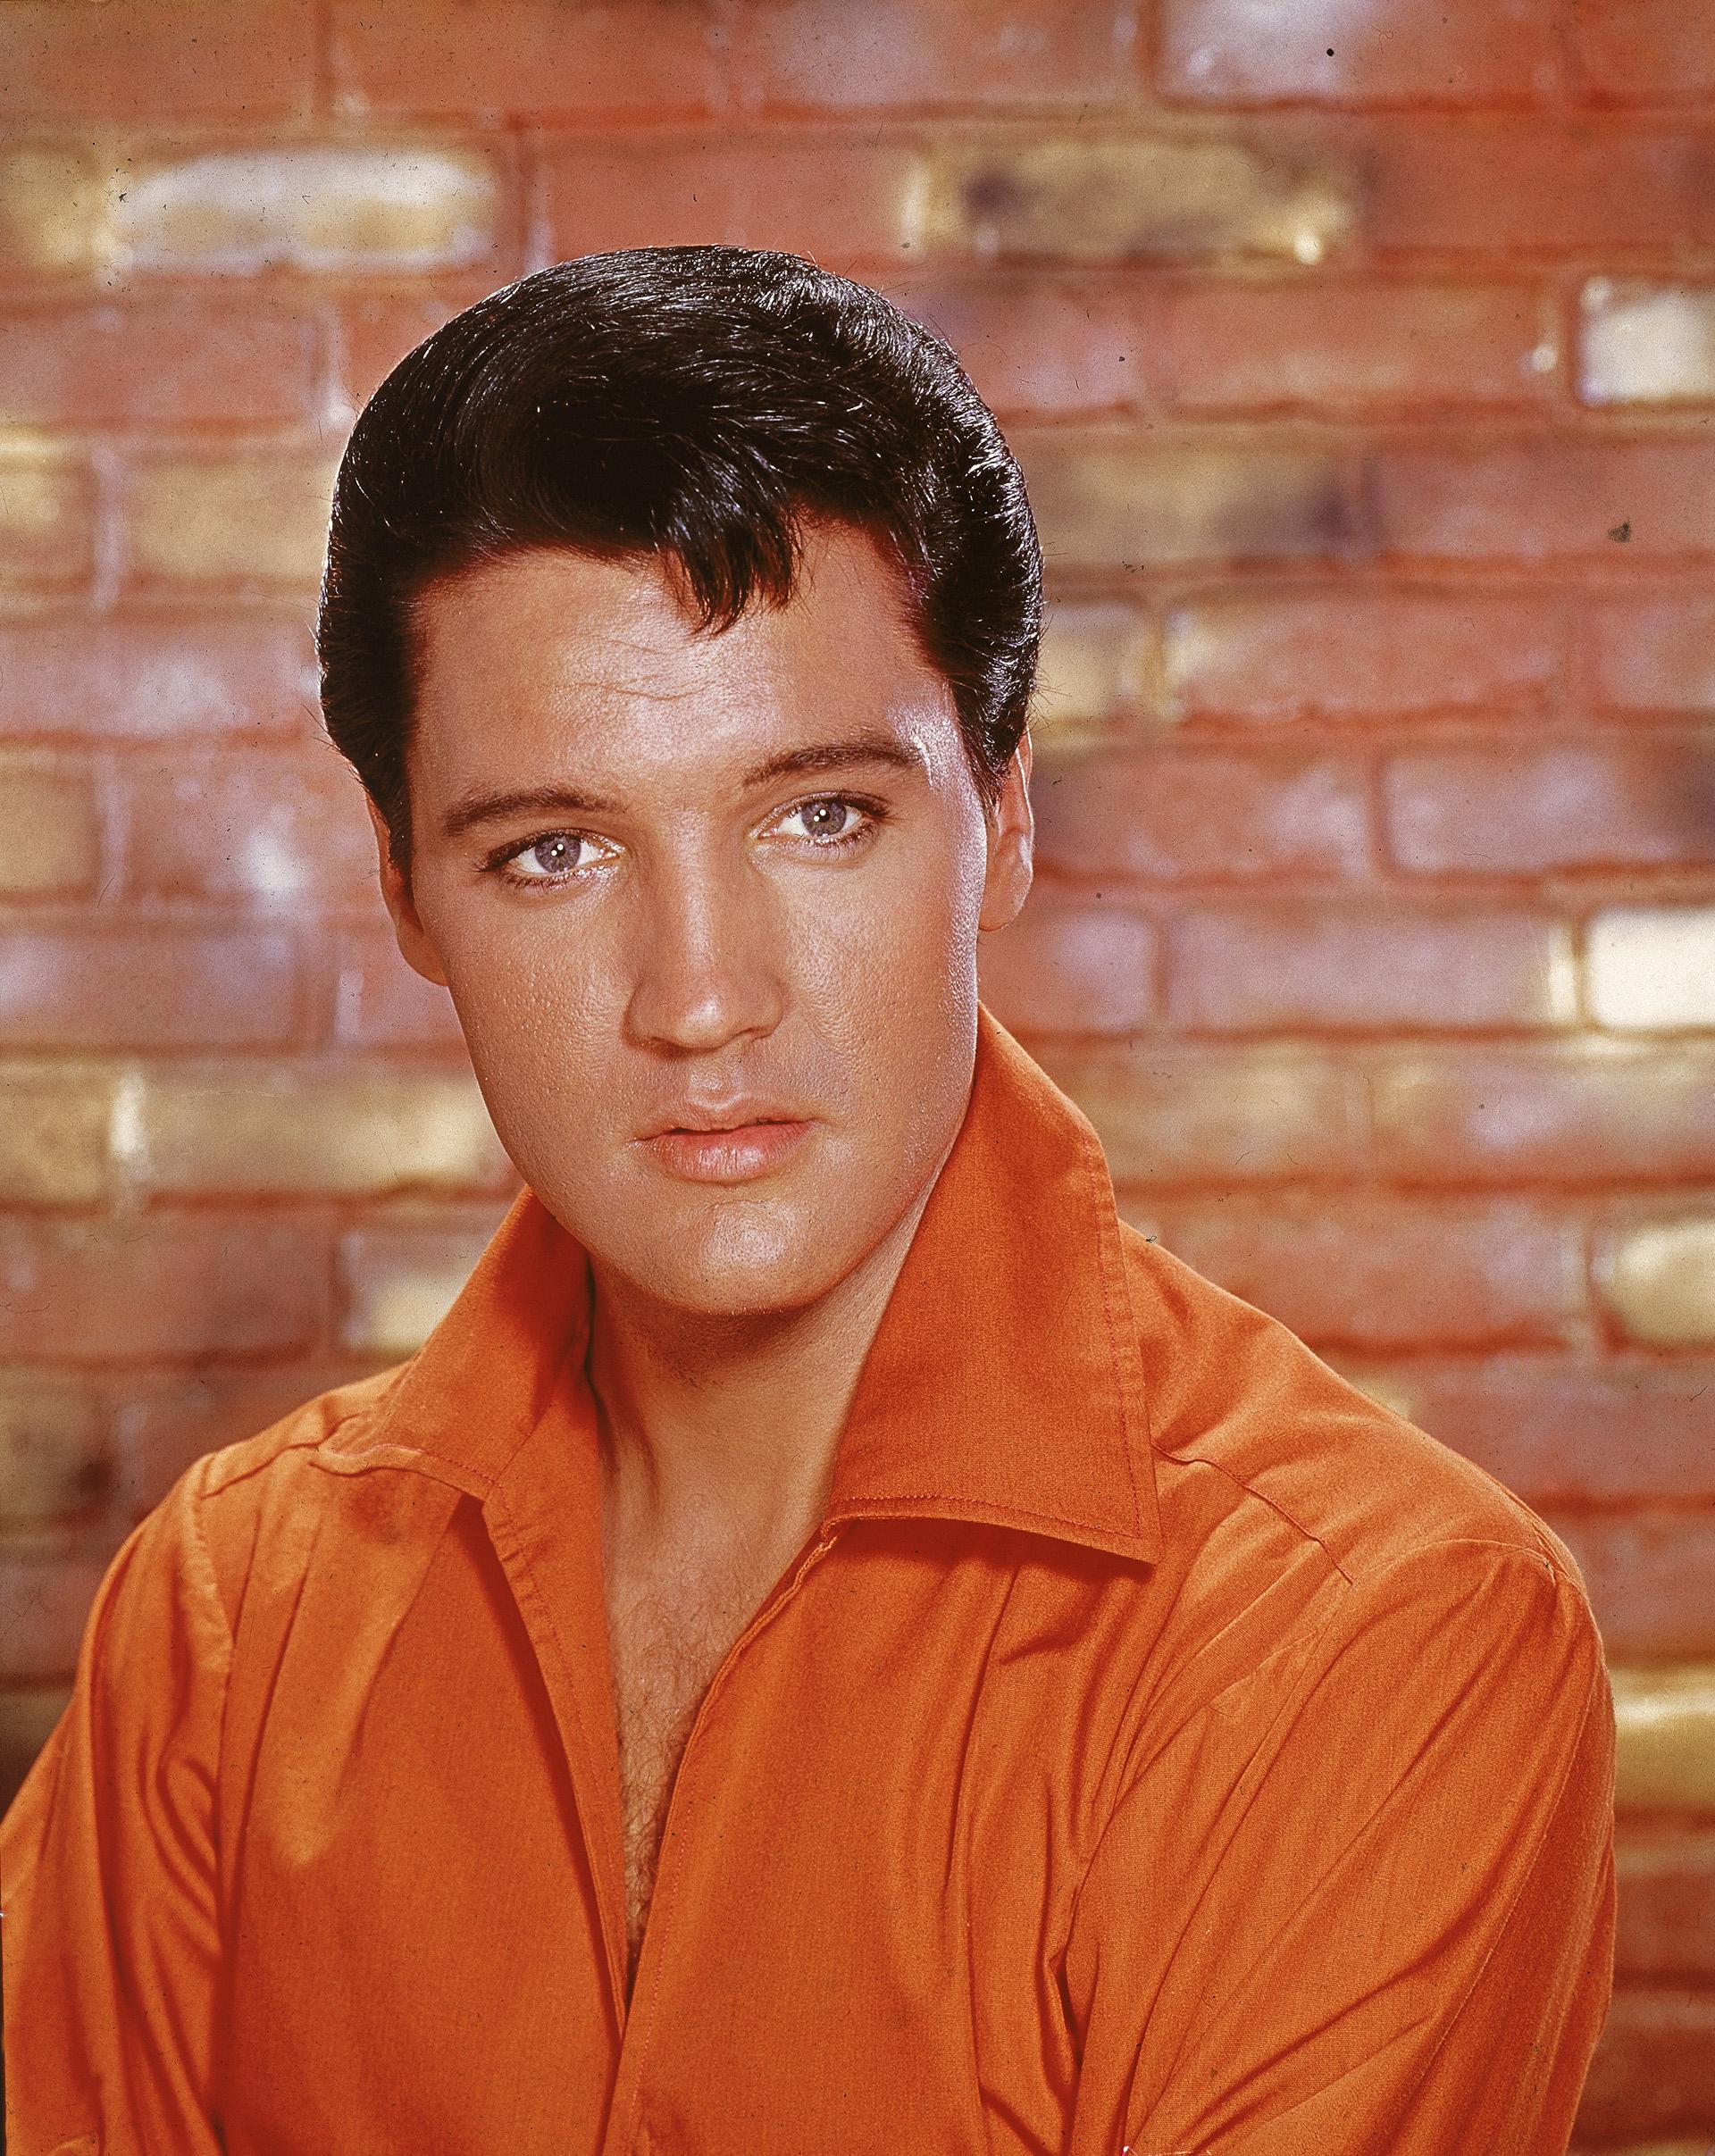 Um retrato do rei do Rock and Roll com sua aparência sedutora e uma impressionante camiseta laranja com gola em V e lapela larga no pescoço, uma tendência dos anos 60 (Foto de Hulton Archive / Getty Images)